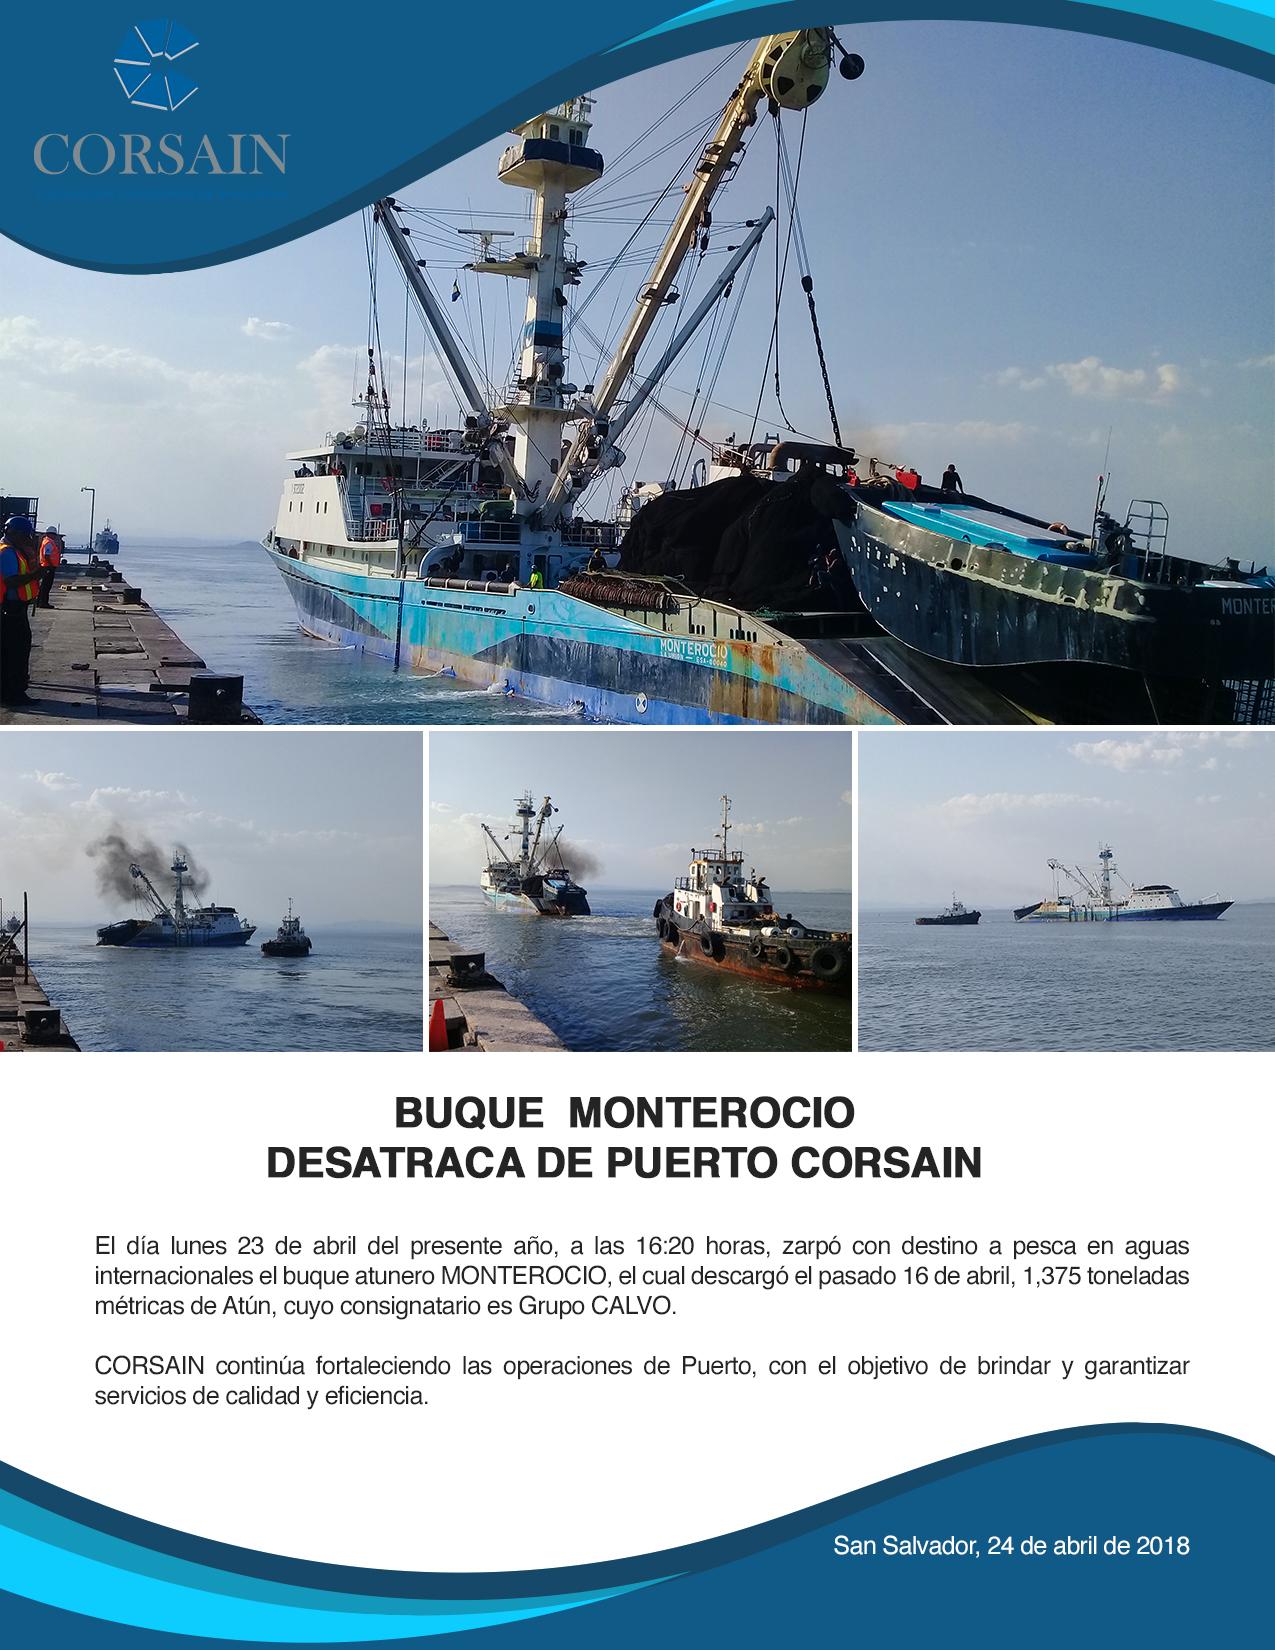 buque-monterocio-desatraca